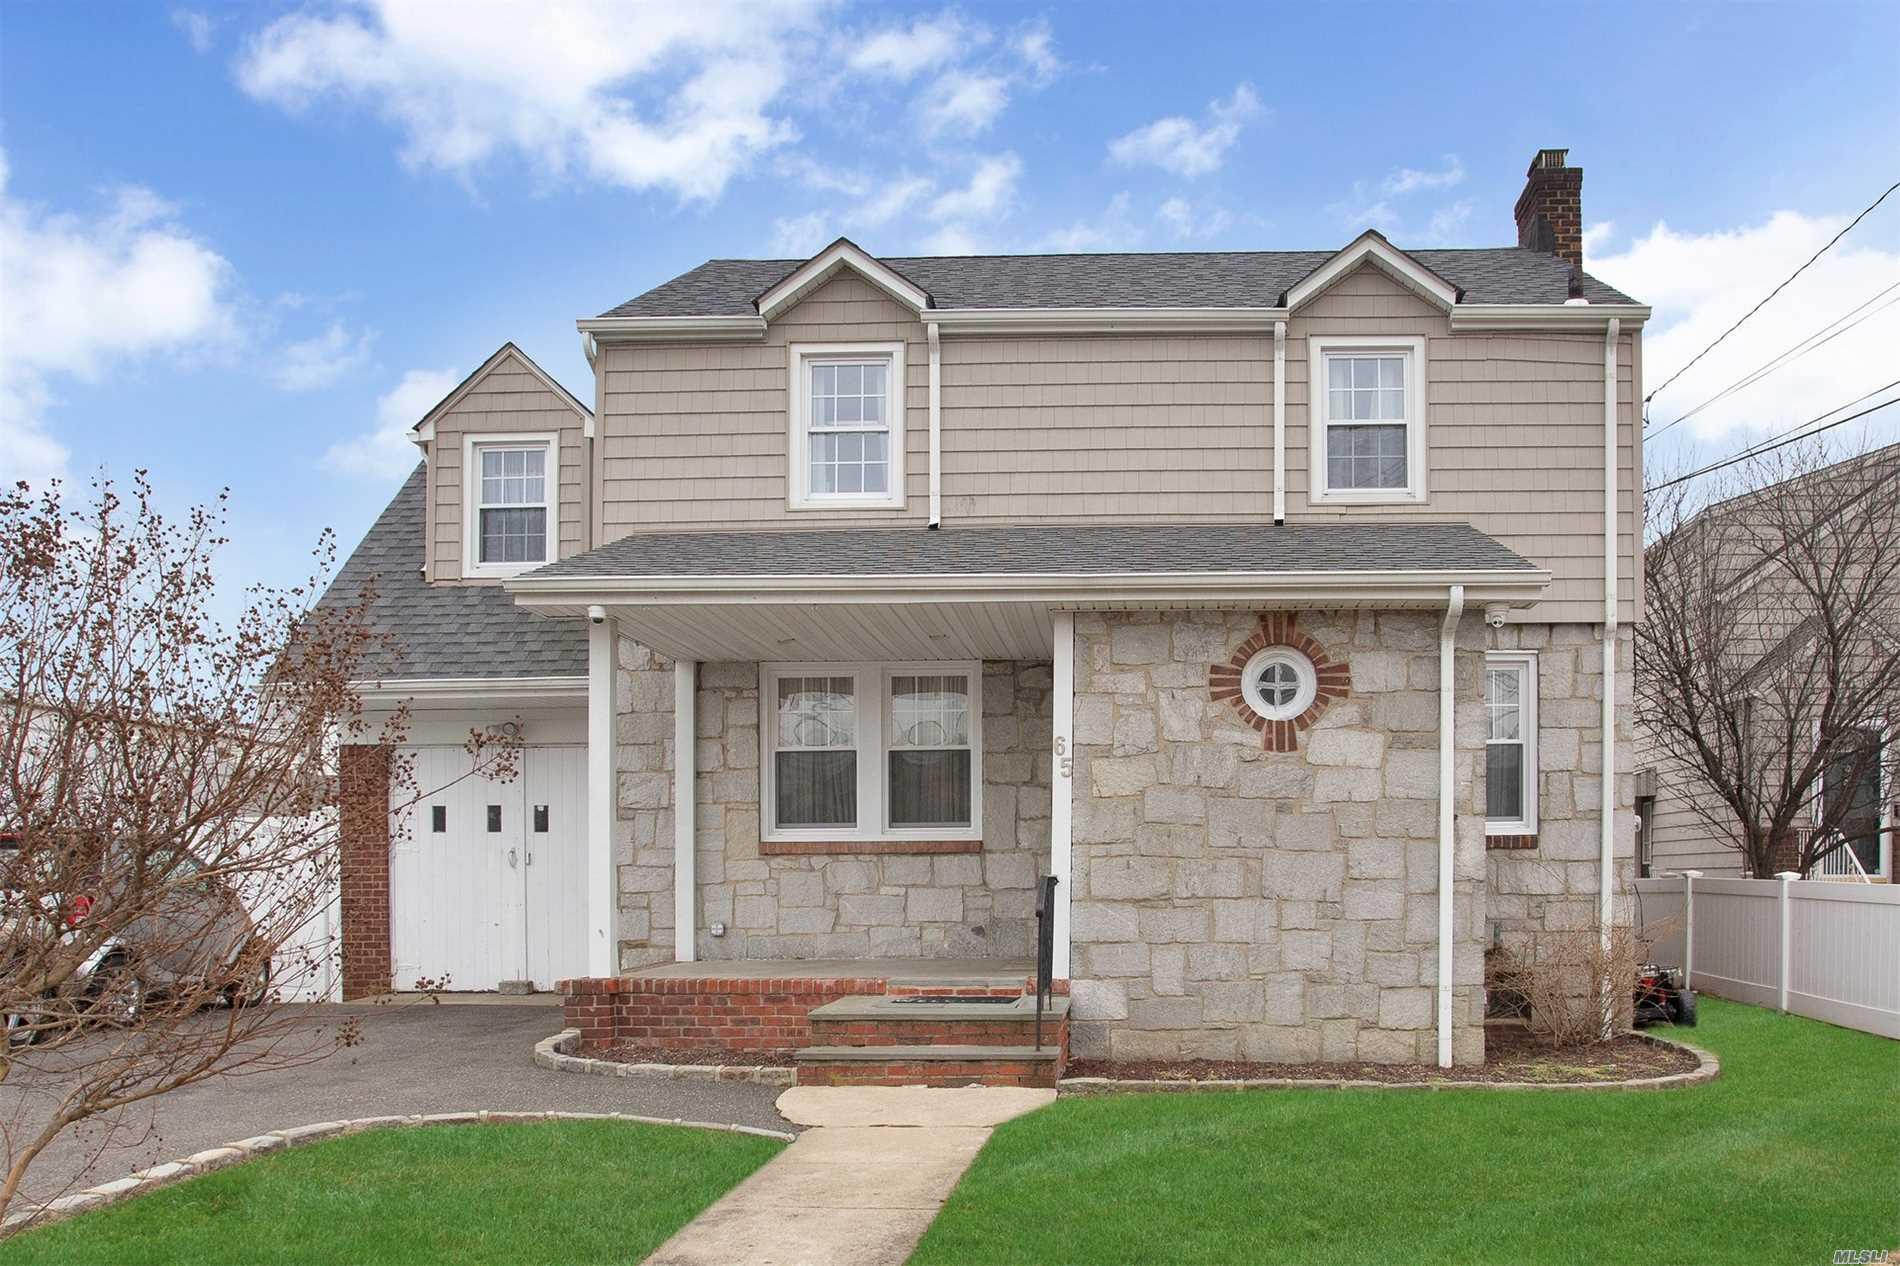 65 Phipps Ave E. Rockaway, NY 11518